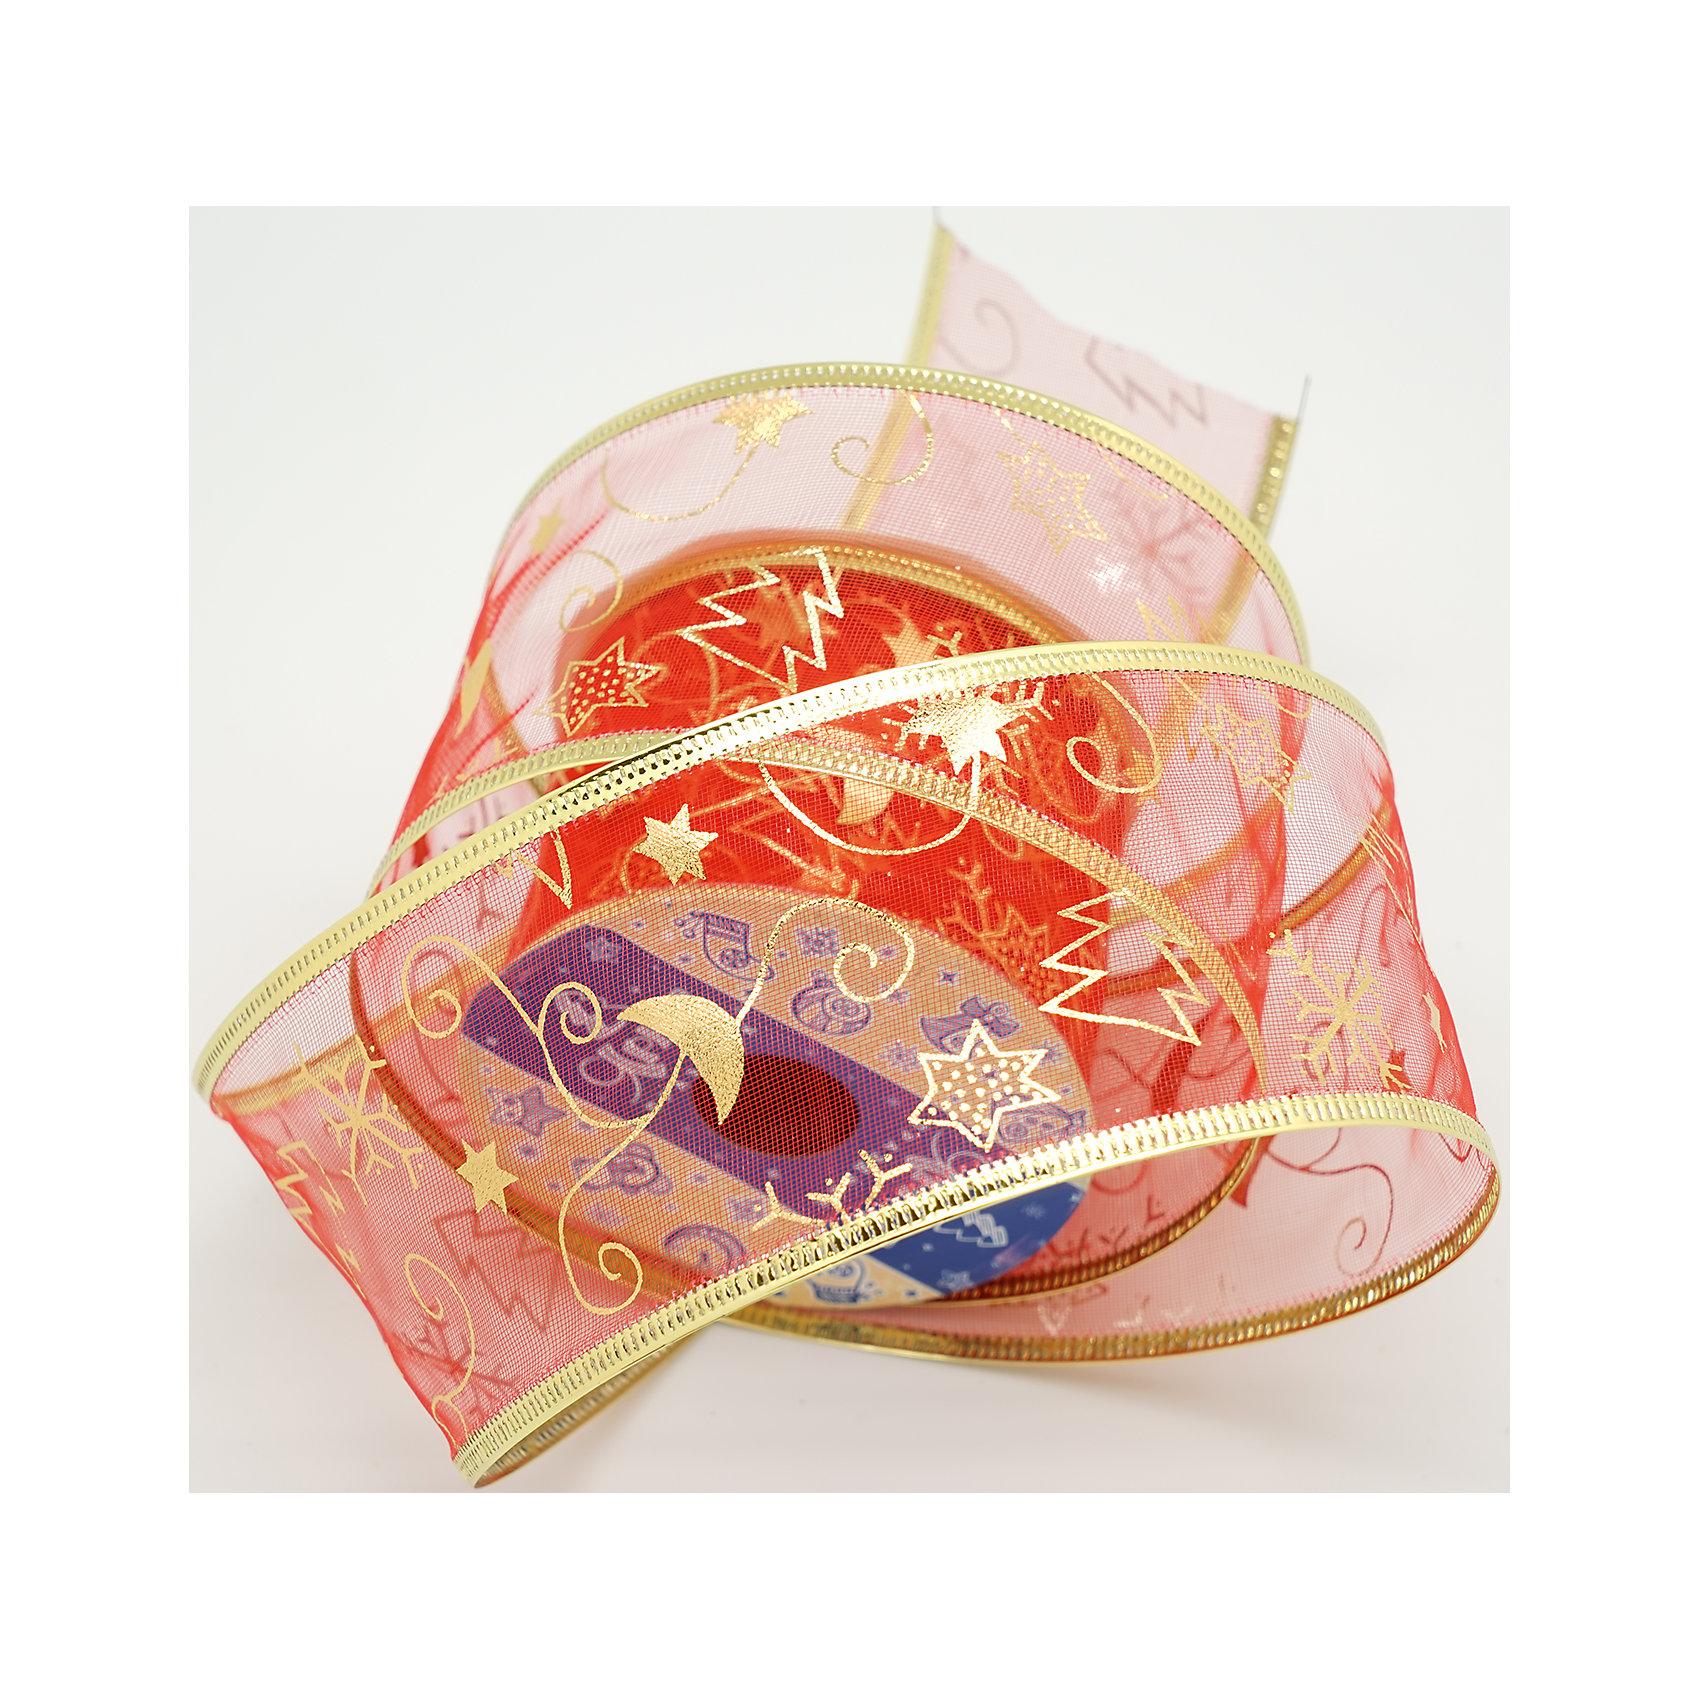 Декоративная лента красная, новогодняя ночь(0,08Х0,08Х0,06 м)Всё для праздника<br>Характеристики товара:<br><br>• цвет: красный<br>• золотистые включения<br>• ширина: 6 см<br>• размер упаковки: 8х8х6 см<br>• комплектация: 1 рулон<br>• материал: нейлон<br>• полупрозрачная<br>• для украшения интерьера или подарков<br>• страна производства: Китай<br><br>Бант из ленты - это универсальное украшение, он добавит торжественности и духа праздника прическе, интерьеру, подарочной упаковке, ёлке! Это украшение будет отлично смотреться в окружении любой цветовой гаммы, оно качественно выполнено и нарядно смотрится. С помощью такой ленты можно оригинально украсить ёлку к празднику и декорировать пакет или коробку с подарком.<br>Такие небольшие детали и создают праздник! От них во многом зависит хорошее новогоднее настроение. Изделие производится из качественных сертифицированных материалов, безопасных даже для самых маленьких.<br><br>Декоративную ленту (0,08Х0,08Х0,06м) можно купить в нашем интернет-магазине.<br><br>Ширина мм: 80<br>Глубина мм: 80<br>Высота мм: 60<br>Вес г: 70<br>Возраст от месяцев: 72<br>Возраст до месяцев: 480<br>Пол: Унисекс<br>Возраст: Детский<br>SKU: 5051652